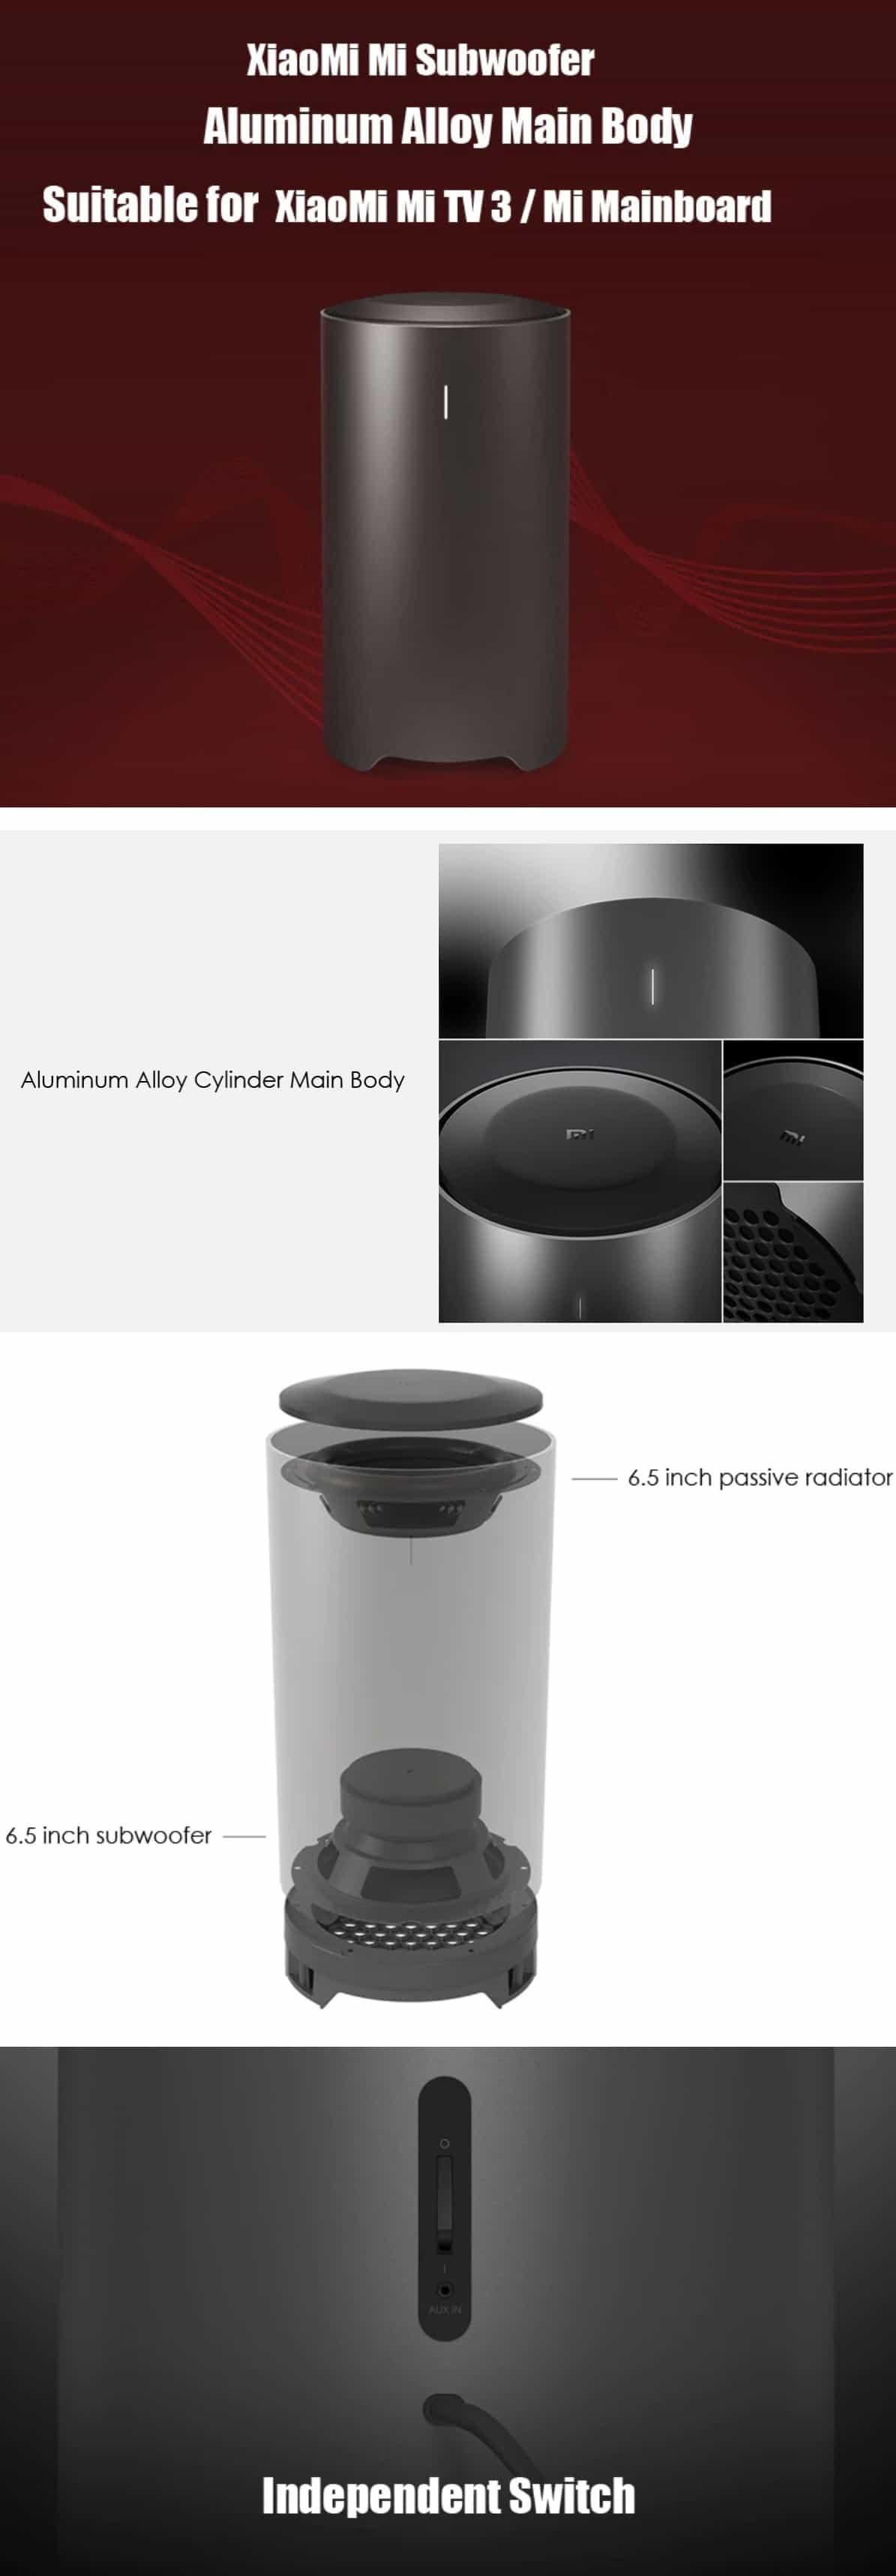 Prezentare-Xiaomi-Mi-Subwooferc83293d4b8e21071.jpg